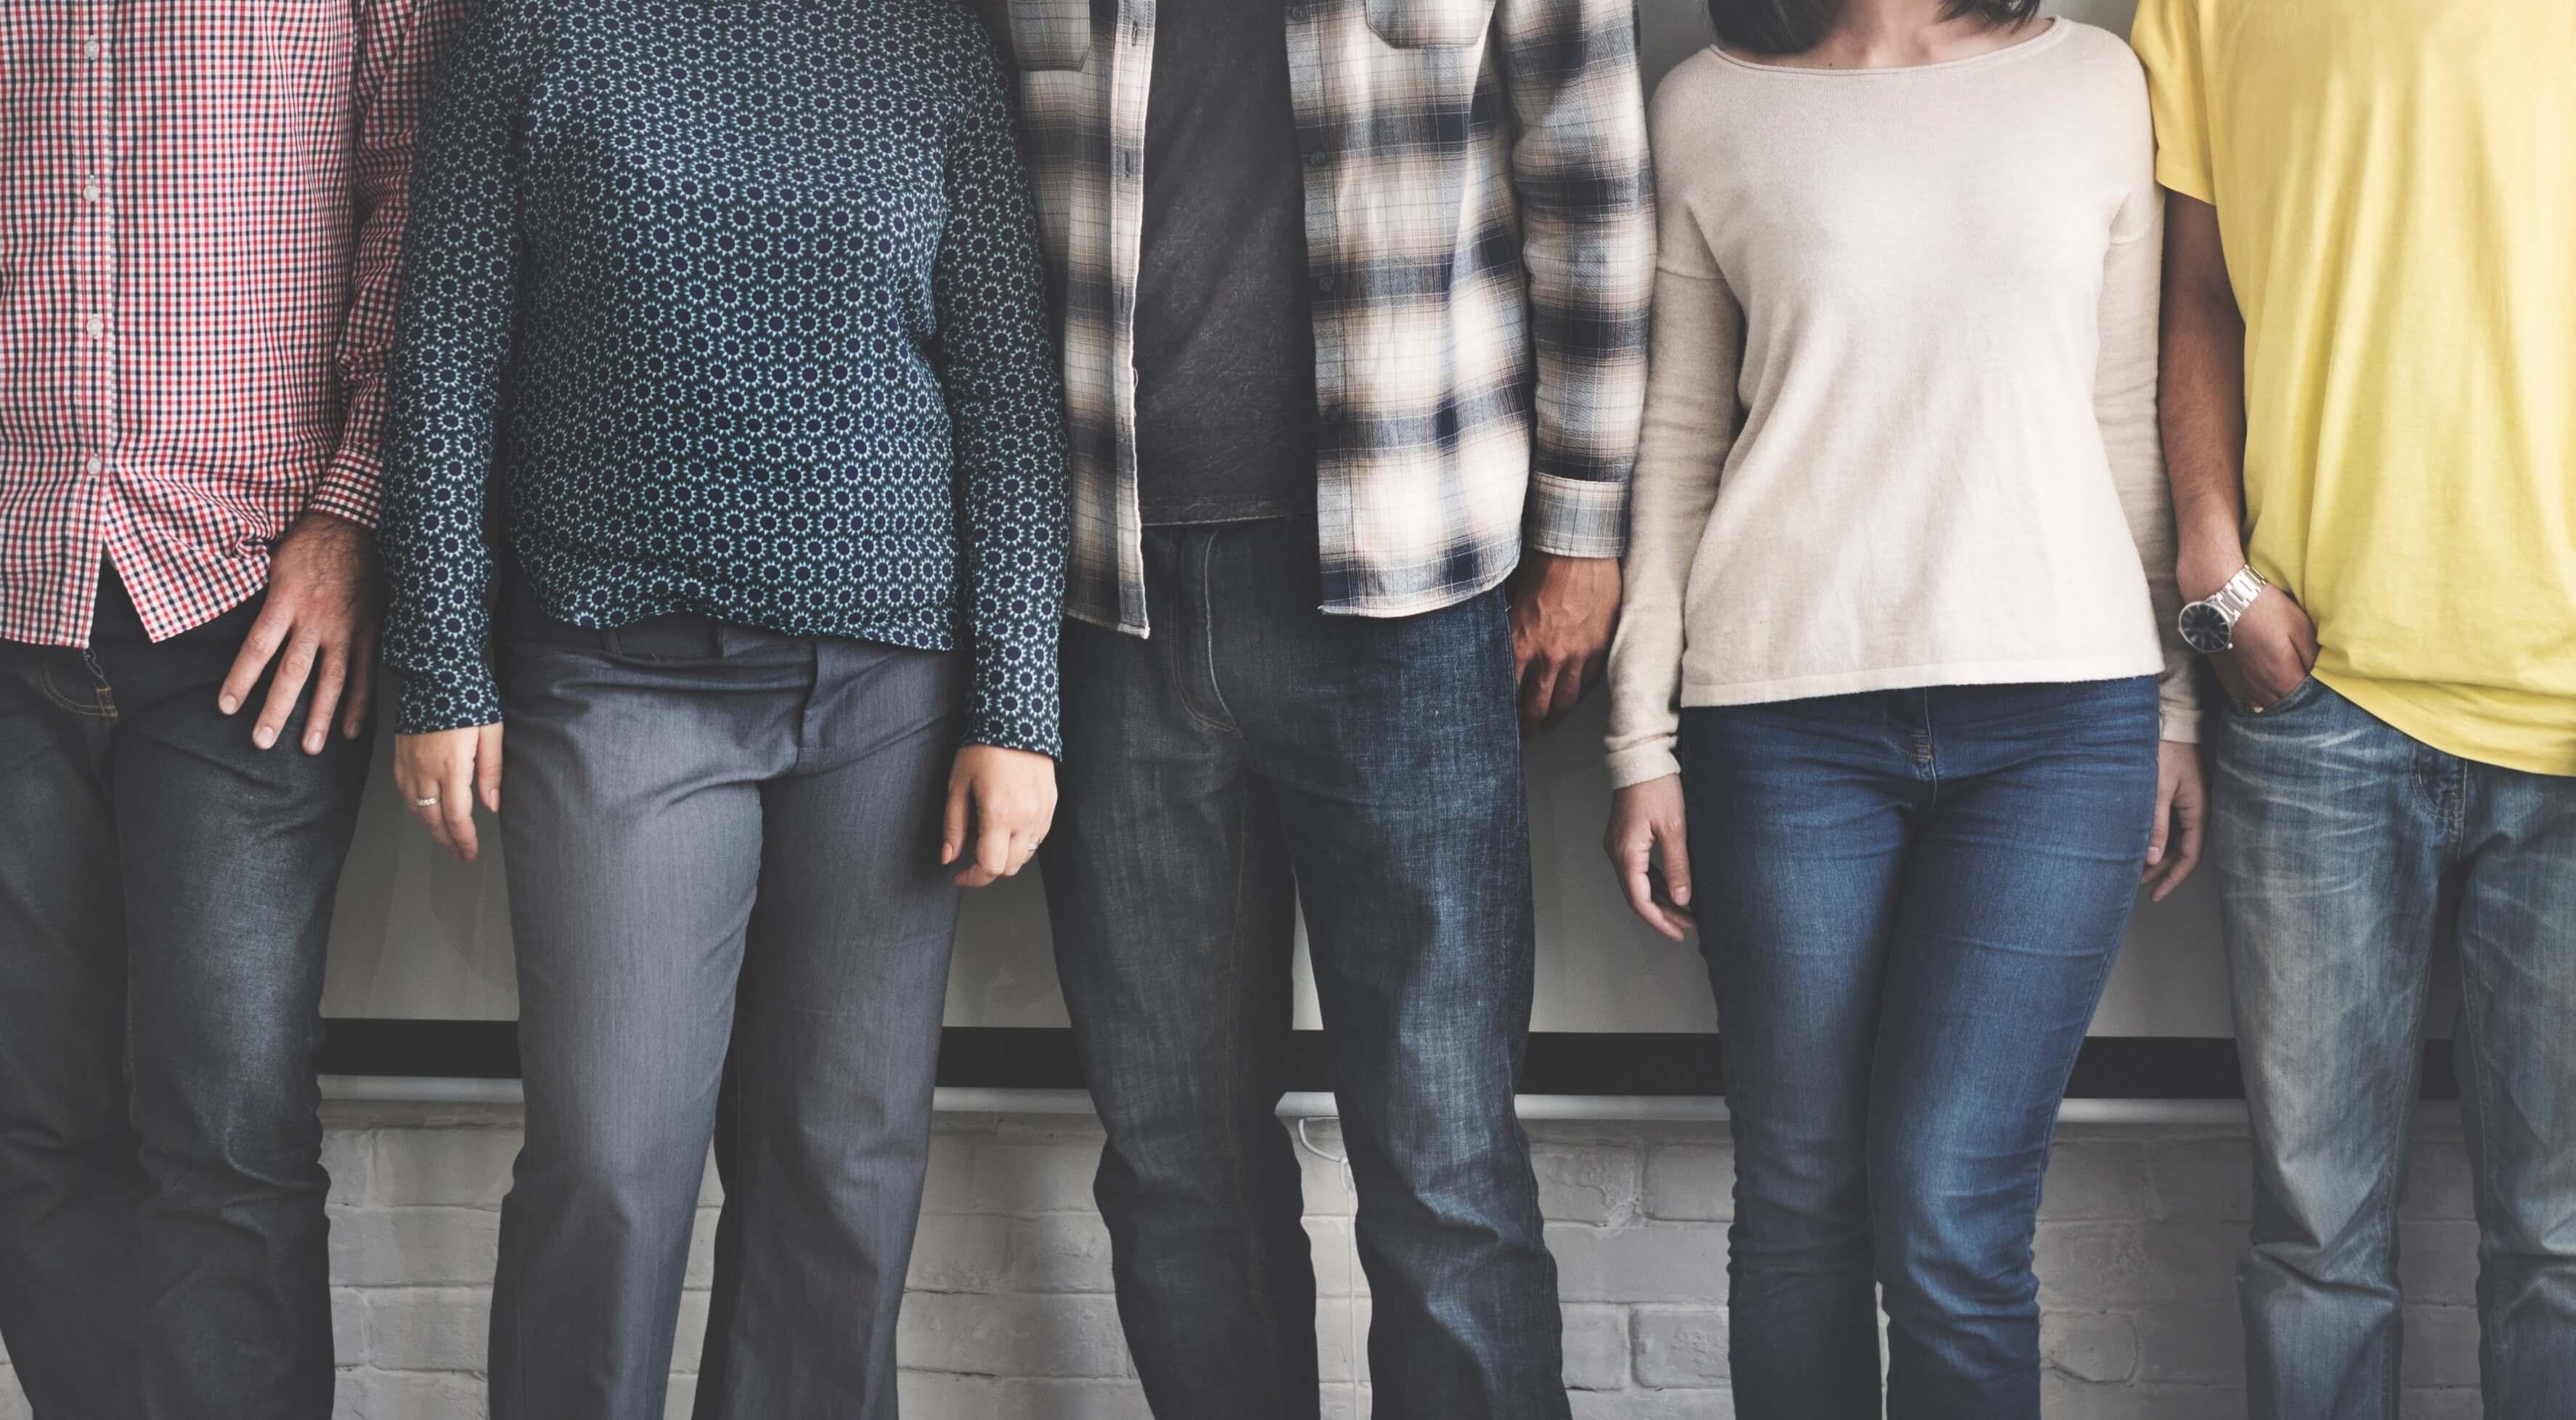 #TopTööandja: Kirde-Eesti töötajad eeldavad tööandjalt enim kogukonda panustamist